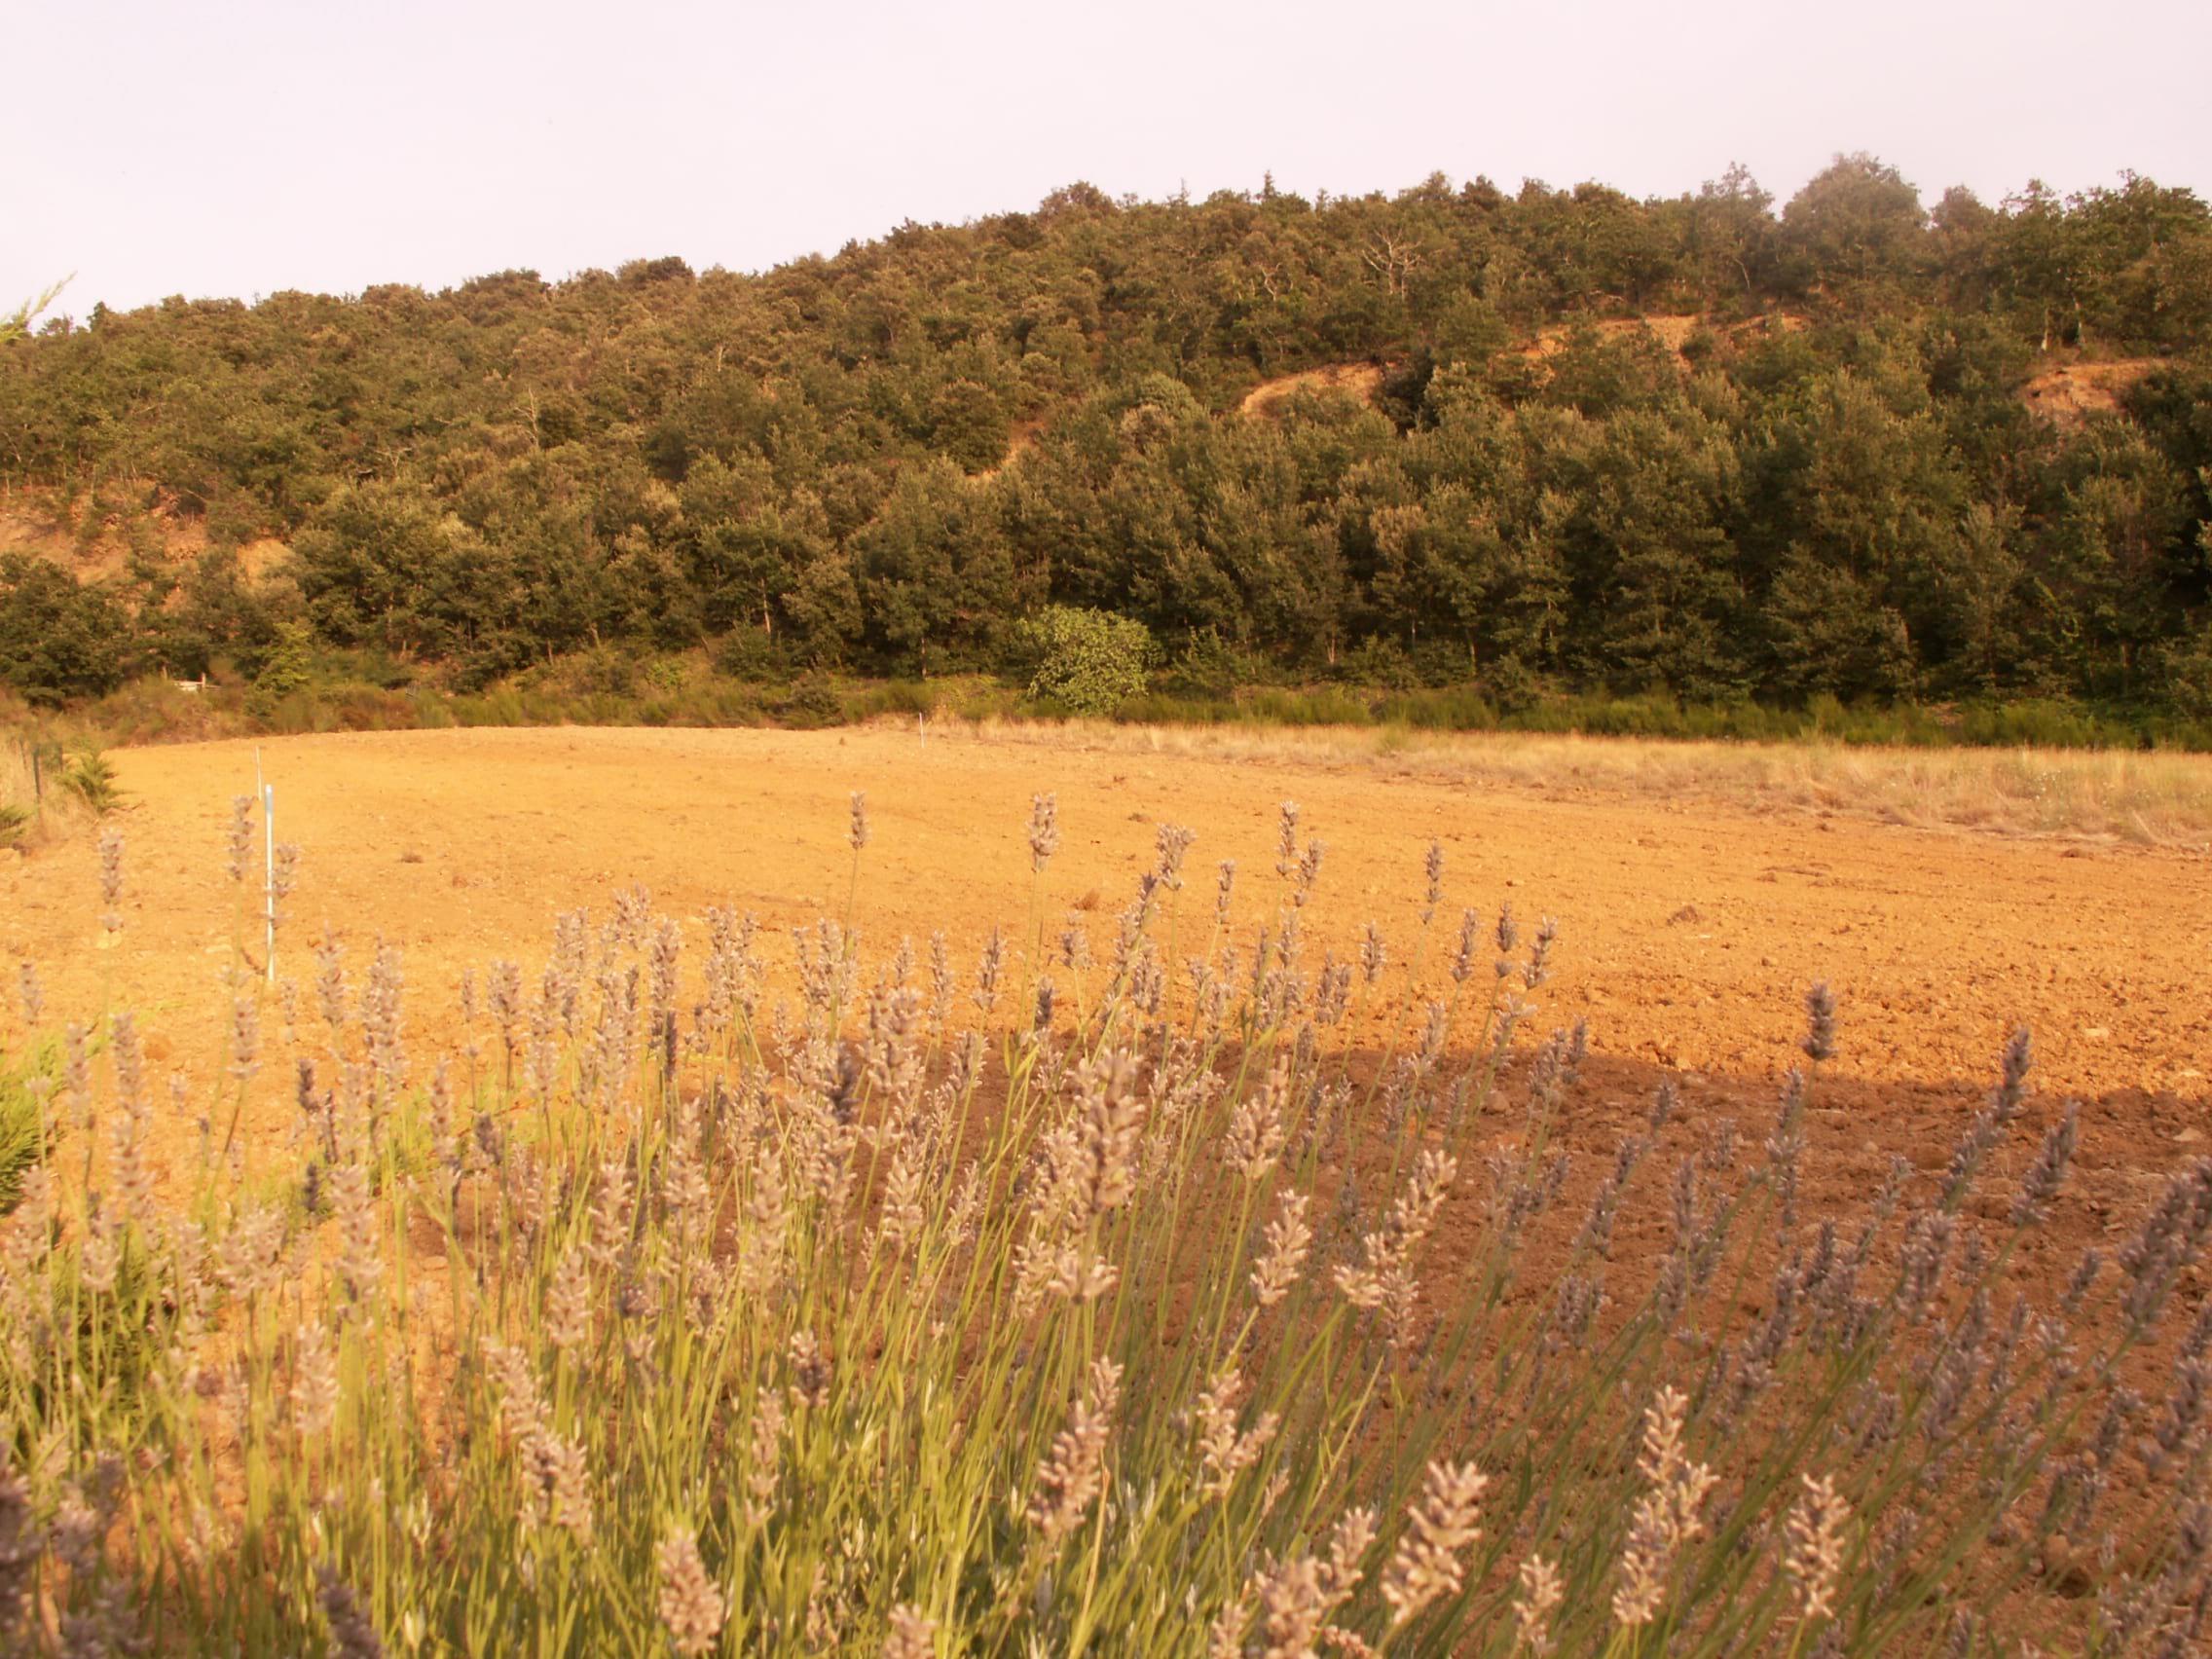 Saffron fields